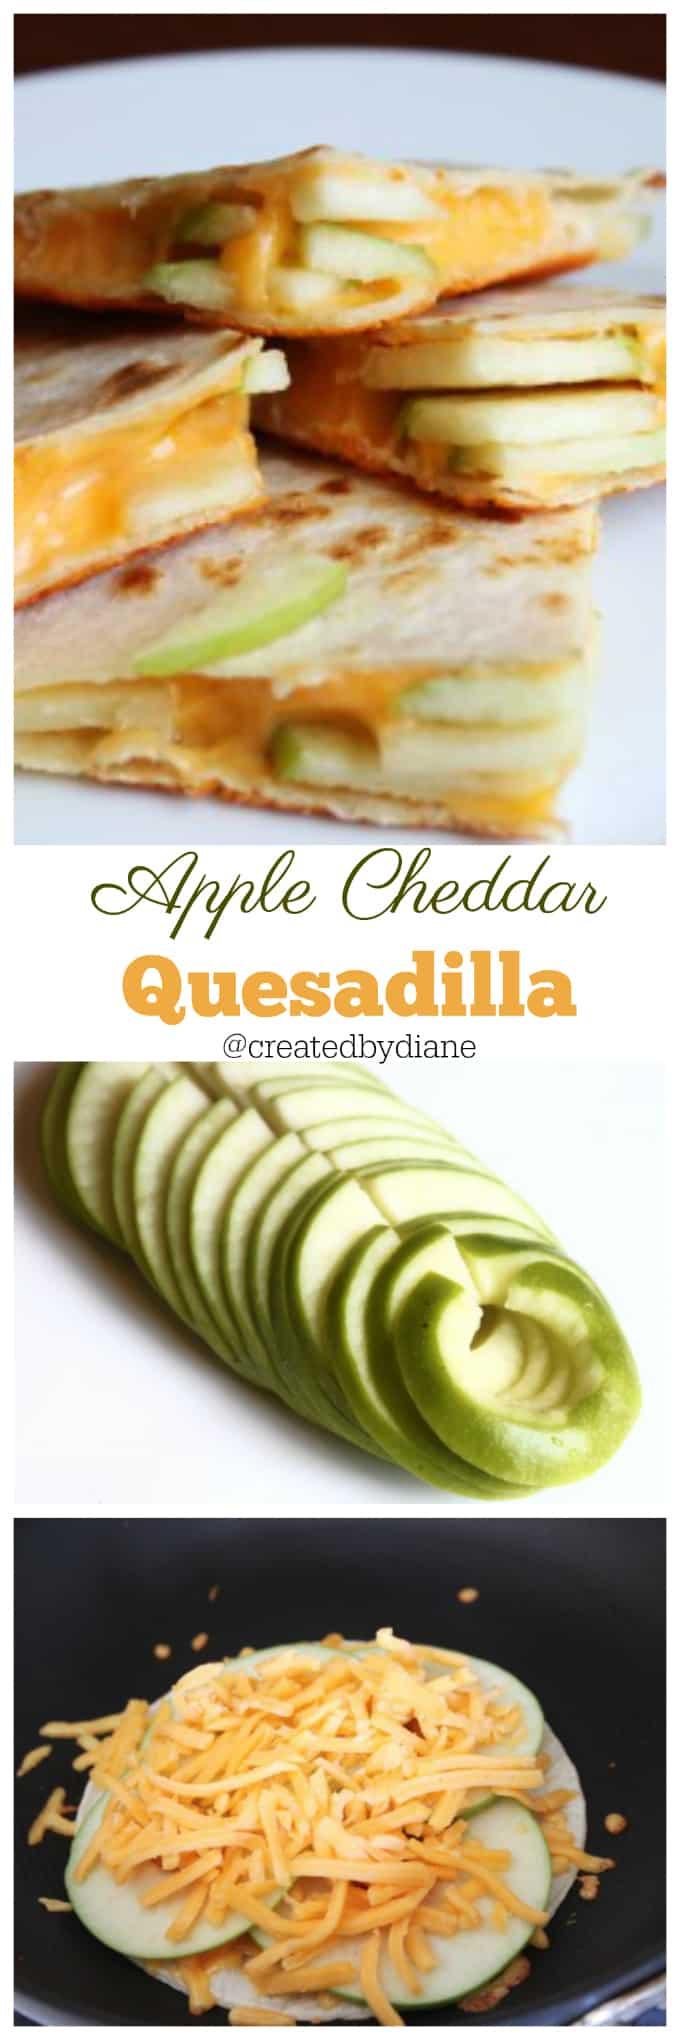 apple cheddar quesadilla @createdbydiane